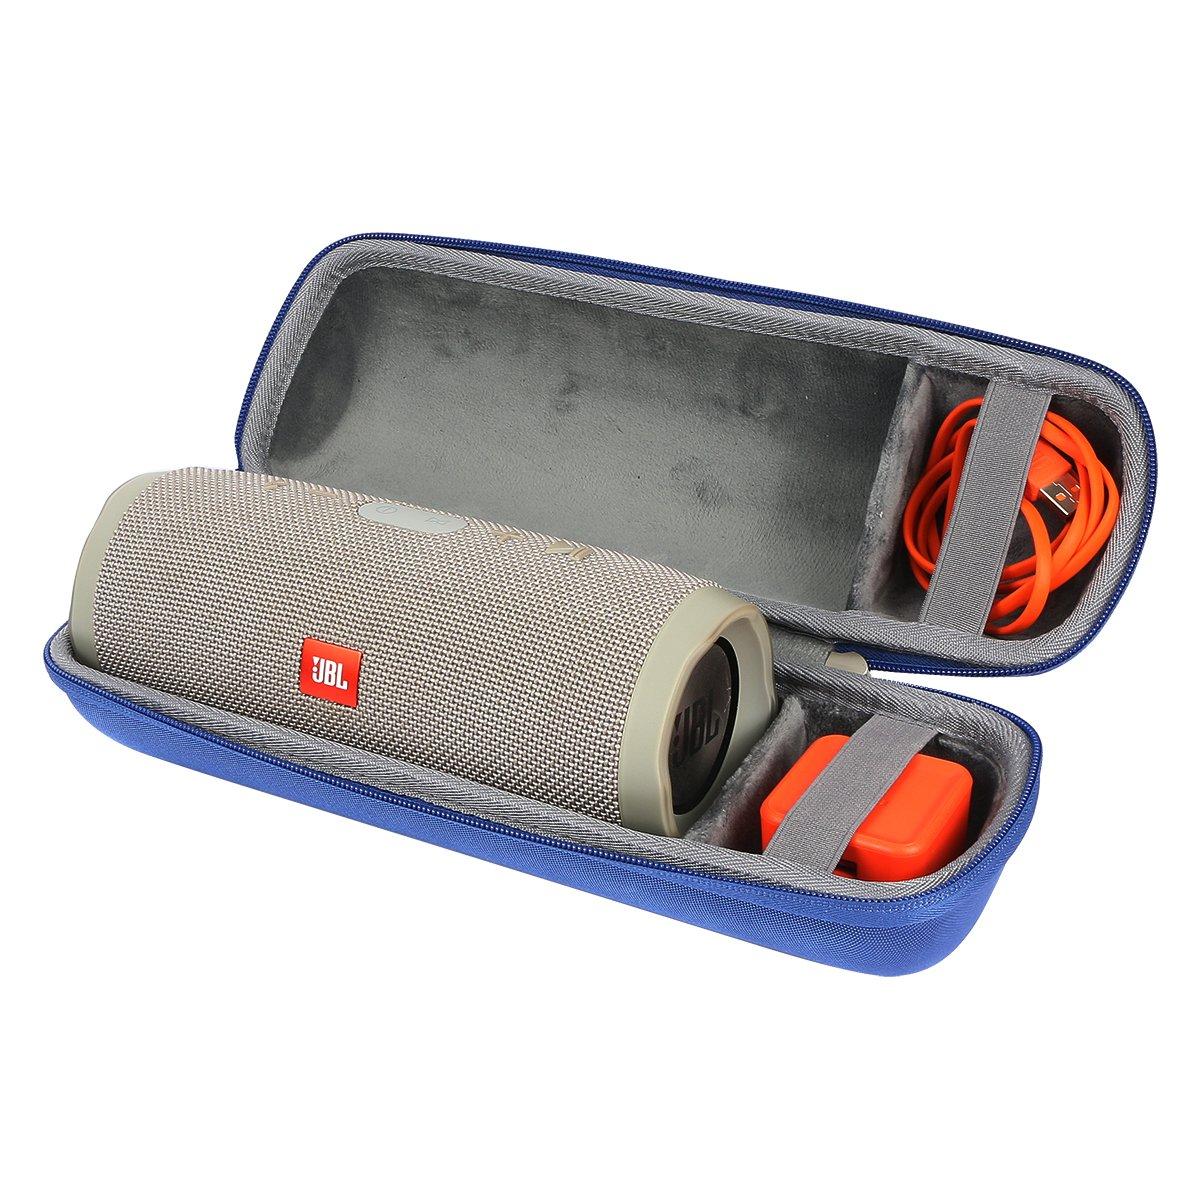 Co2Crea JBL CHARGE3 Bluetooth スピーカー用ハードケース ブルー  ブルー B072297D9K